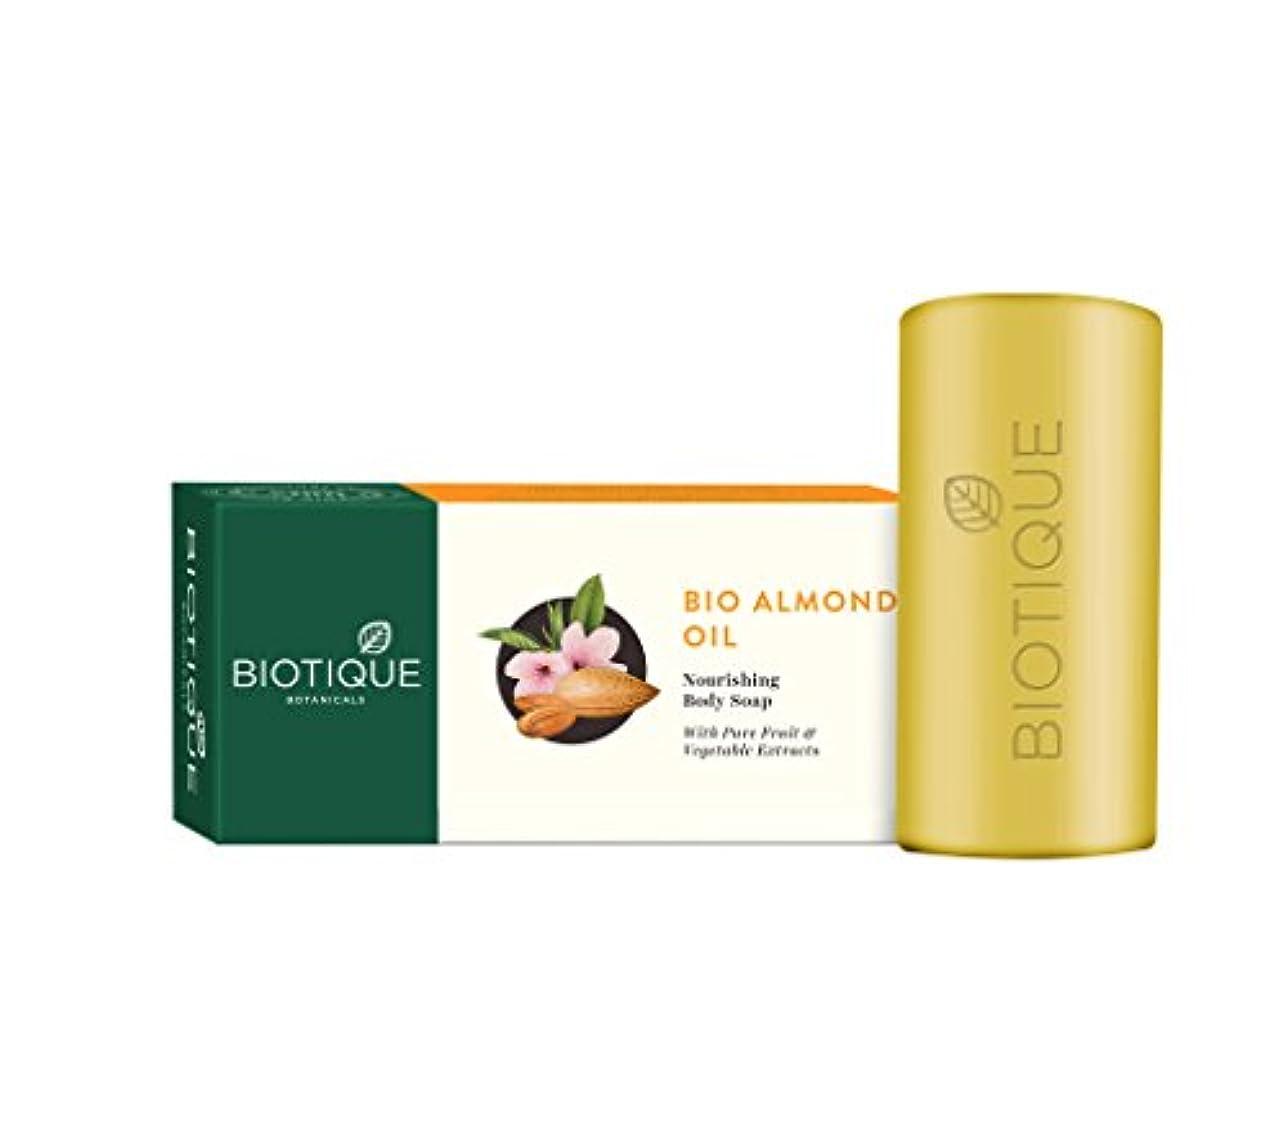 セラフ城植生Biotique Pure Vegetable Cleanser - Almond Oil Soap 150g